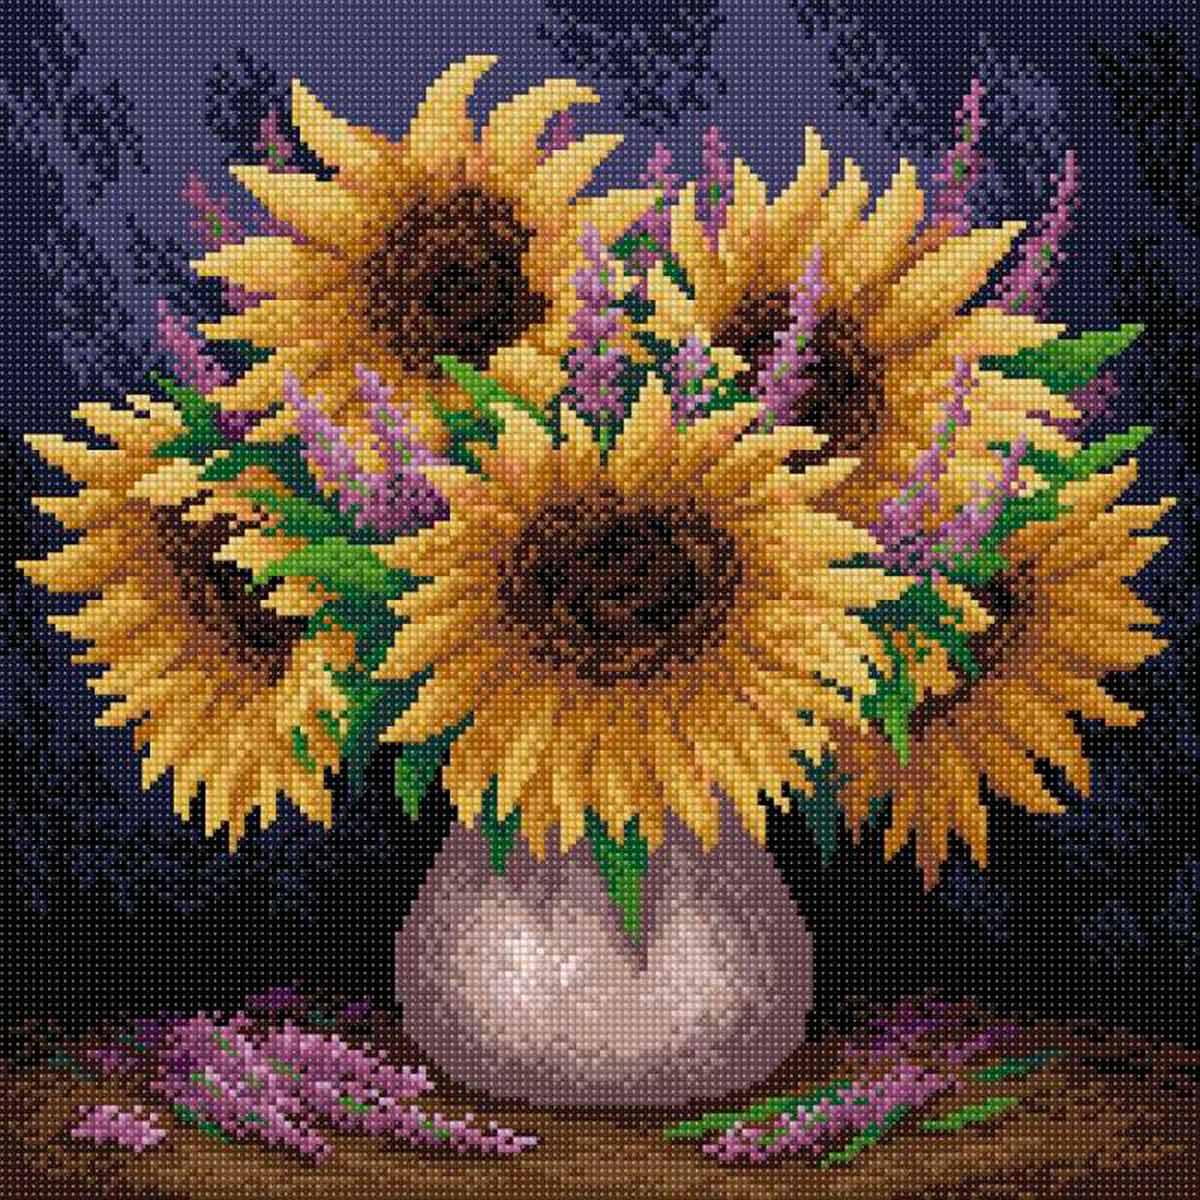 МС 014 Алмазная мозаика 'Подсолнечное настроение'38*38см Brilliart